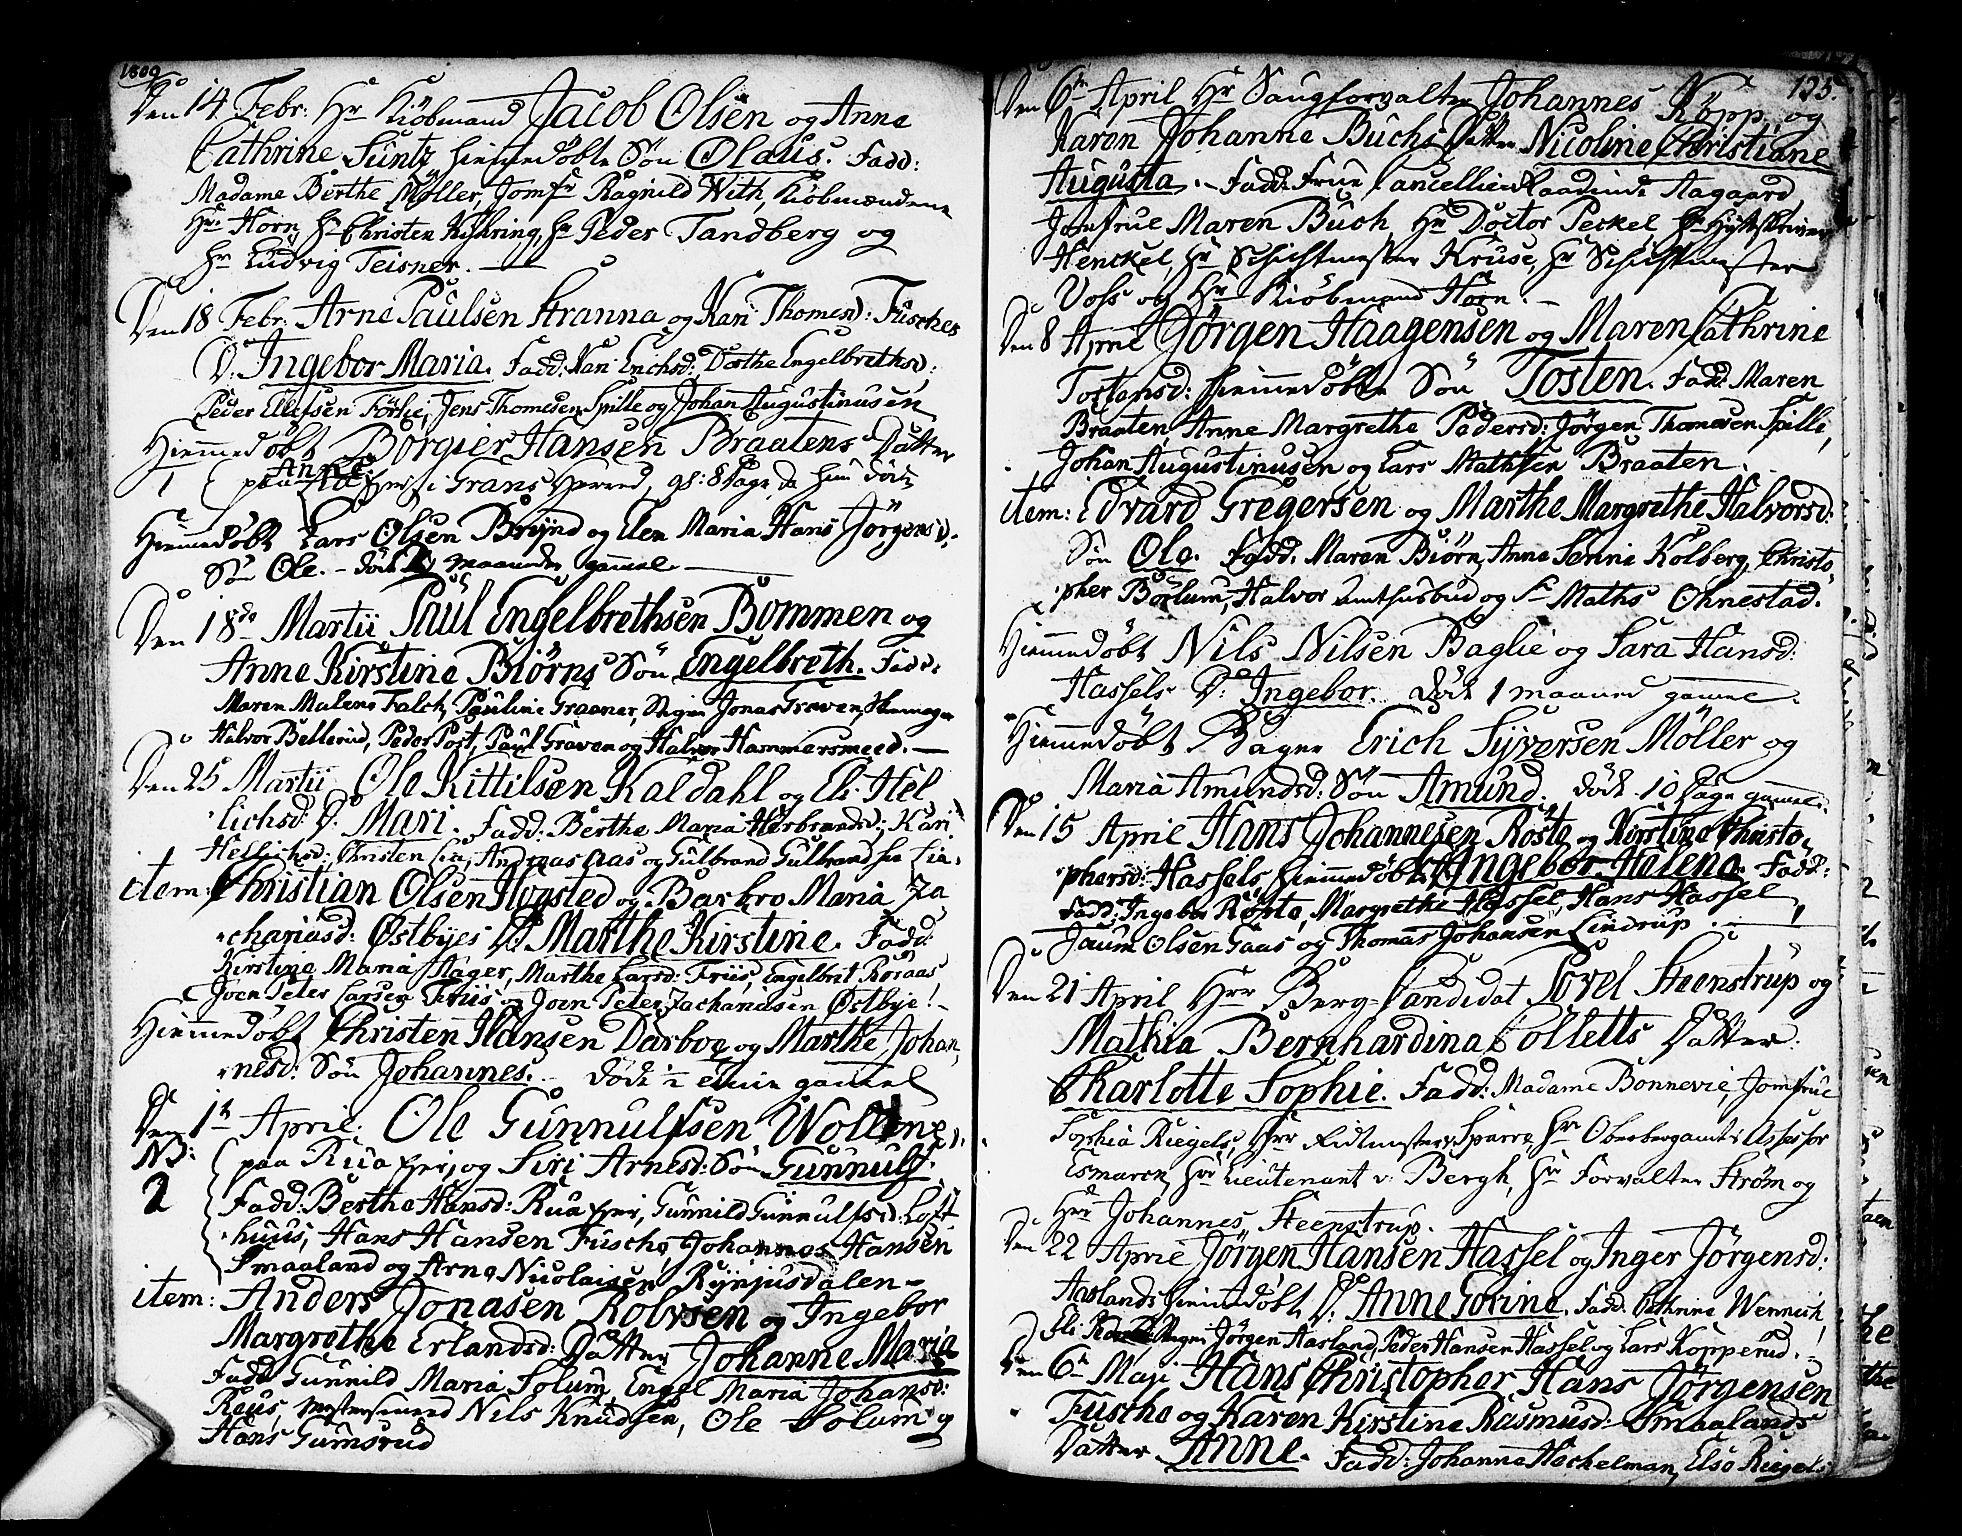 SAKO, Kongsberg kirkebøker, F/Fa/L0007: Ministerialbok nr. I 7, 1795-1816, s. 125